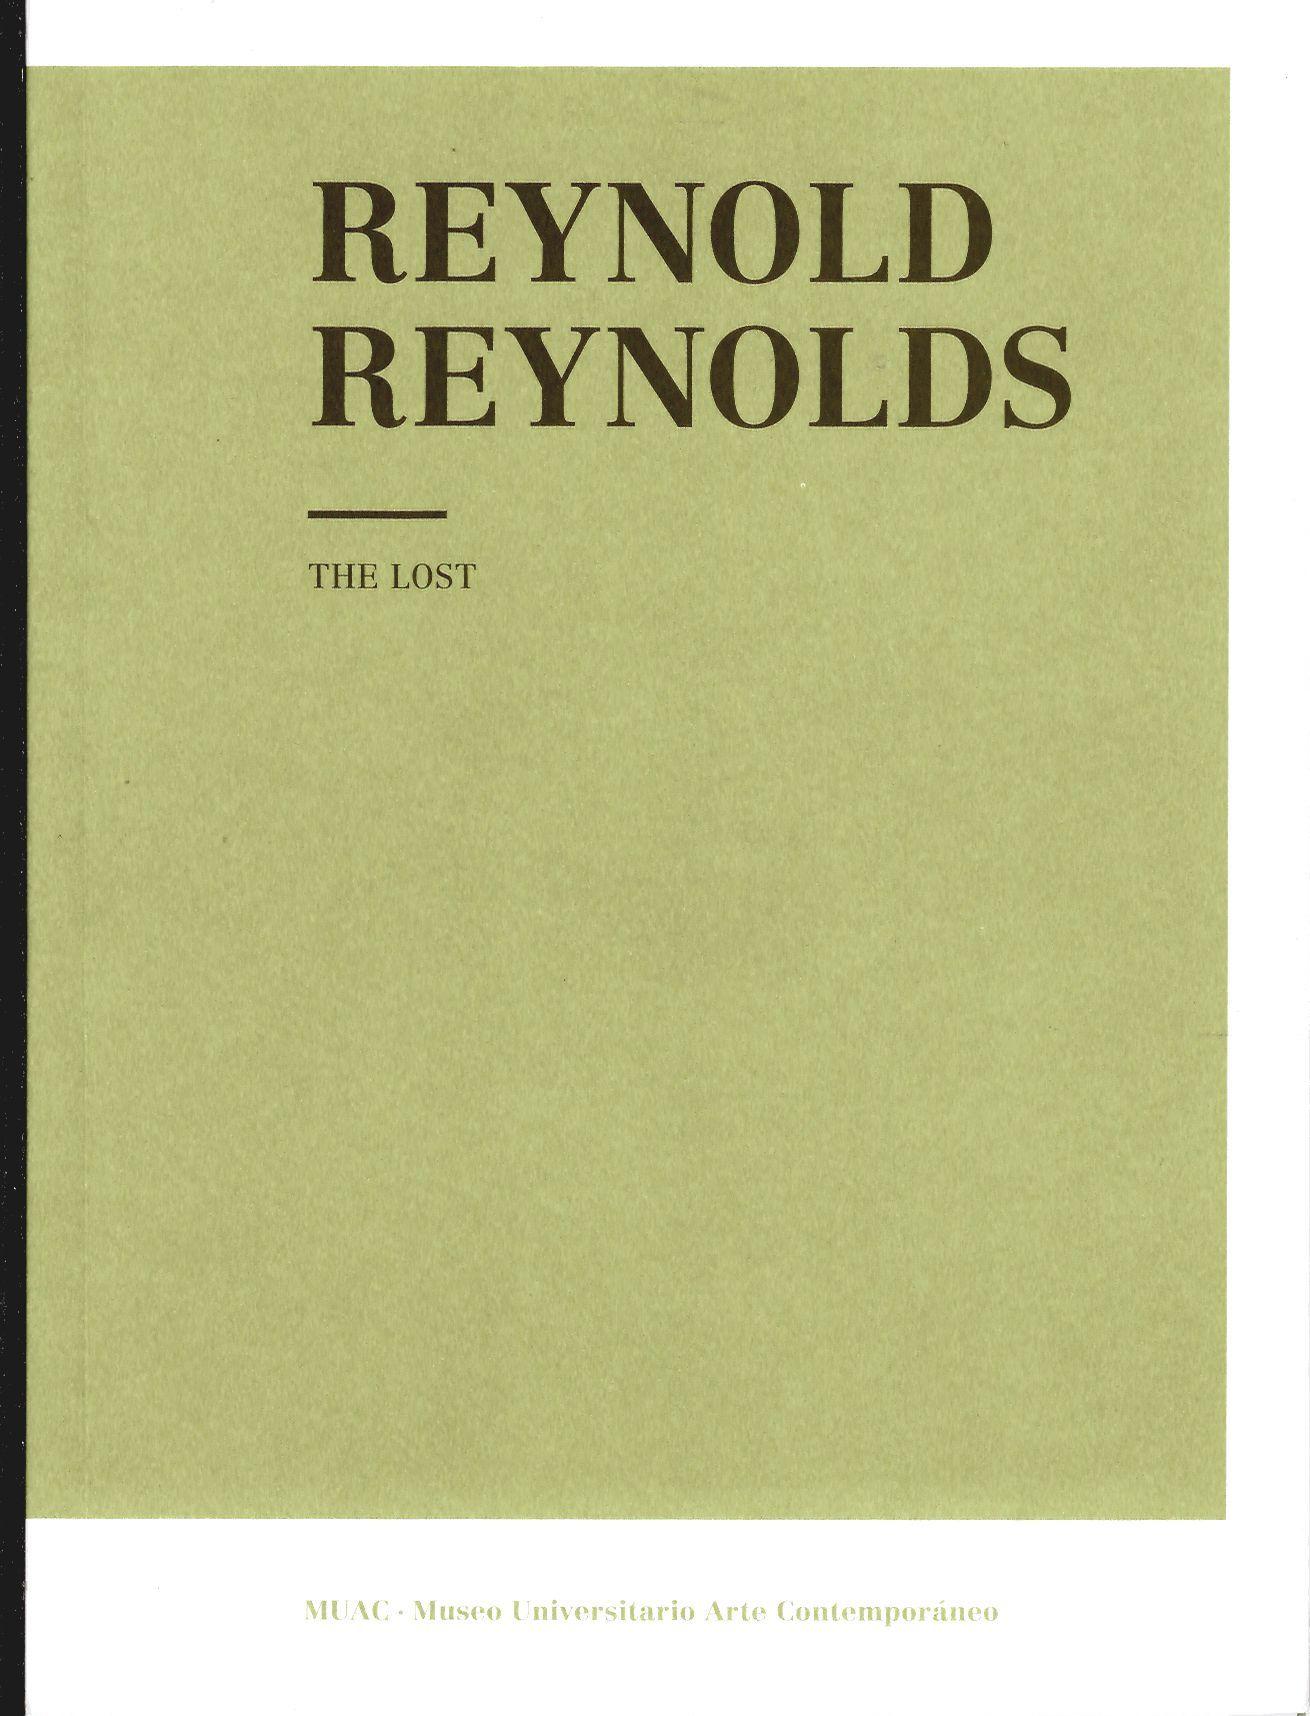 Reynold Reynolds. The Lost